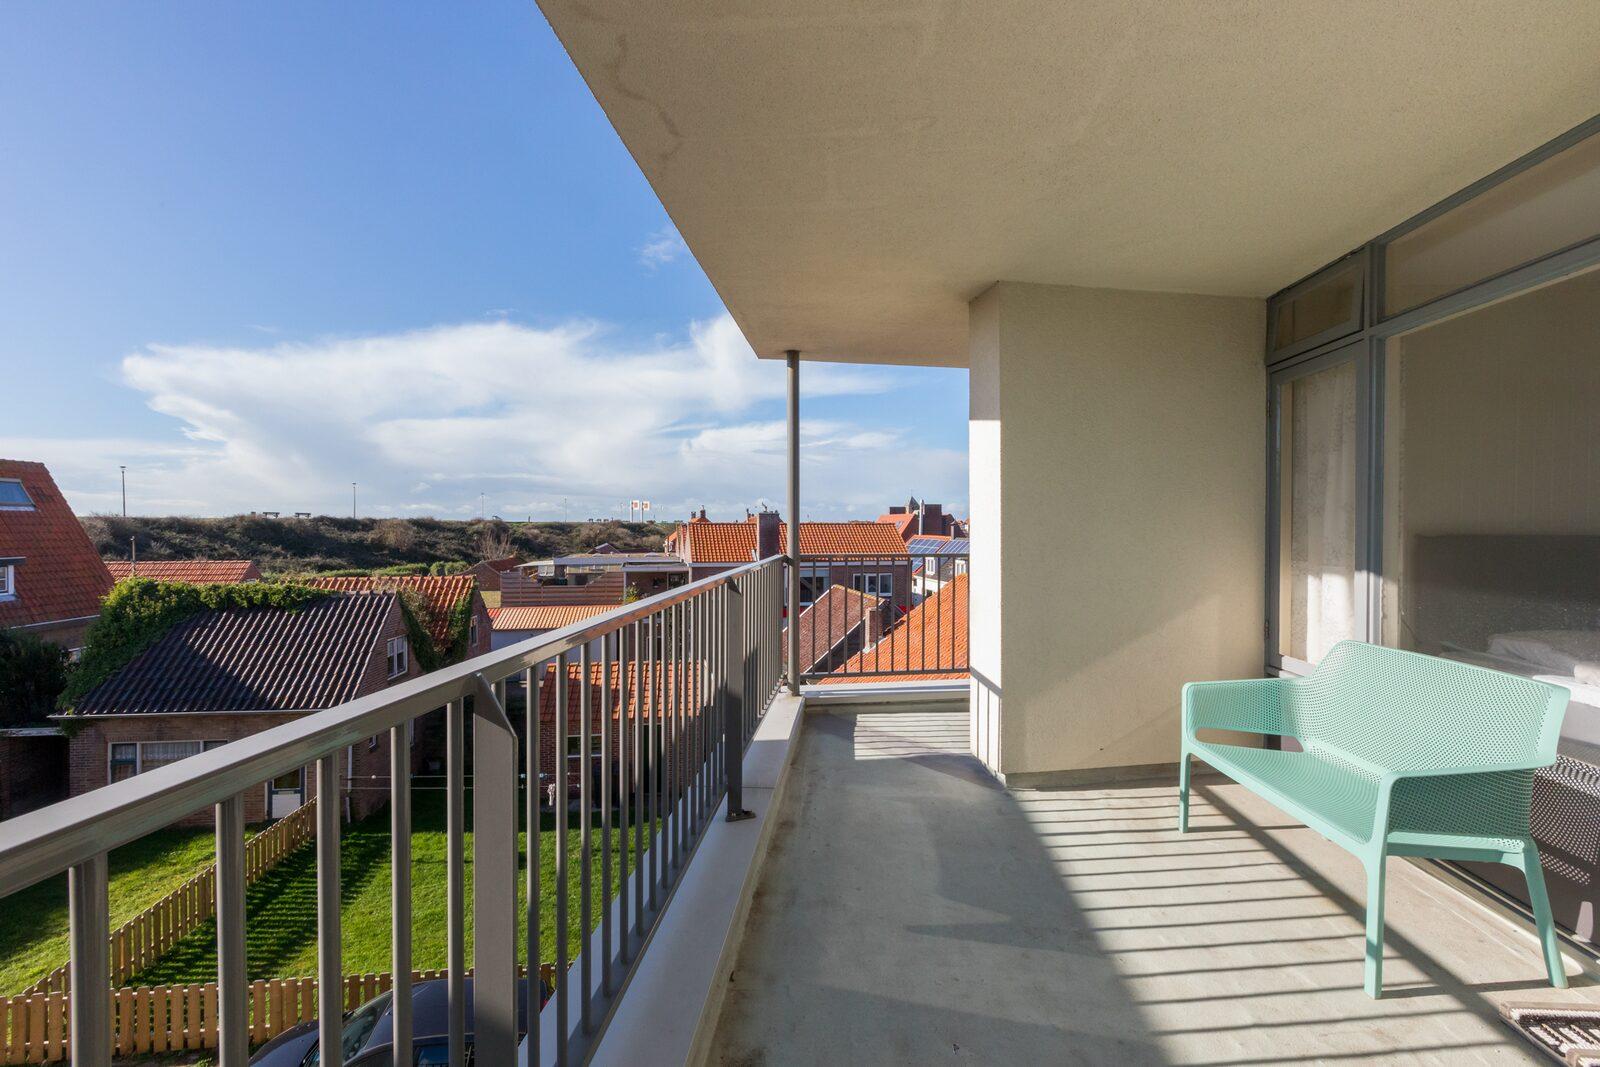 Appartement - Duinstraatje 21 | Zoutelande